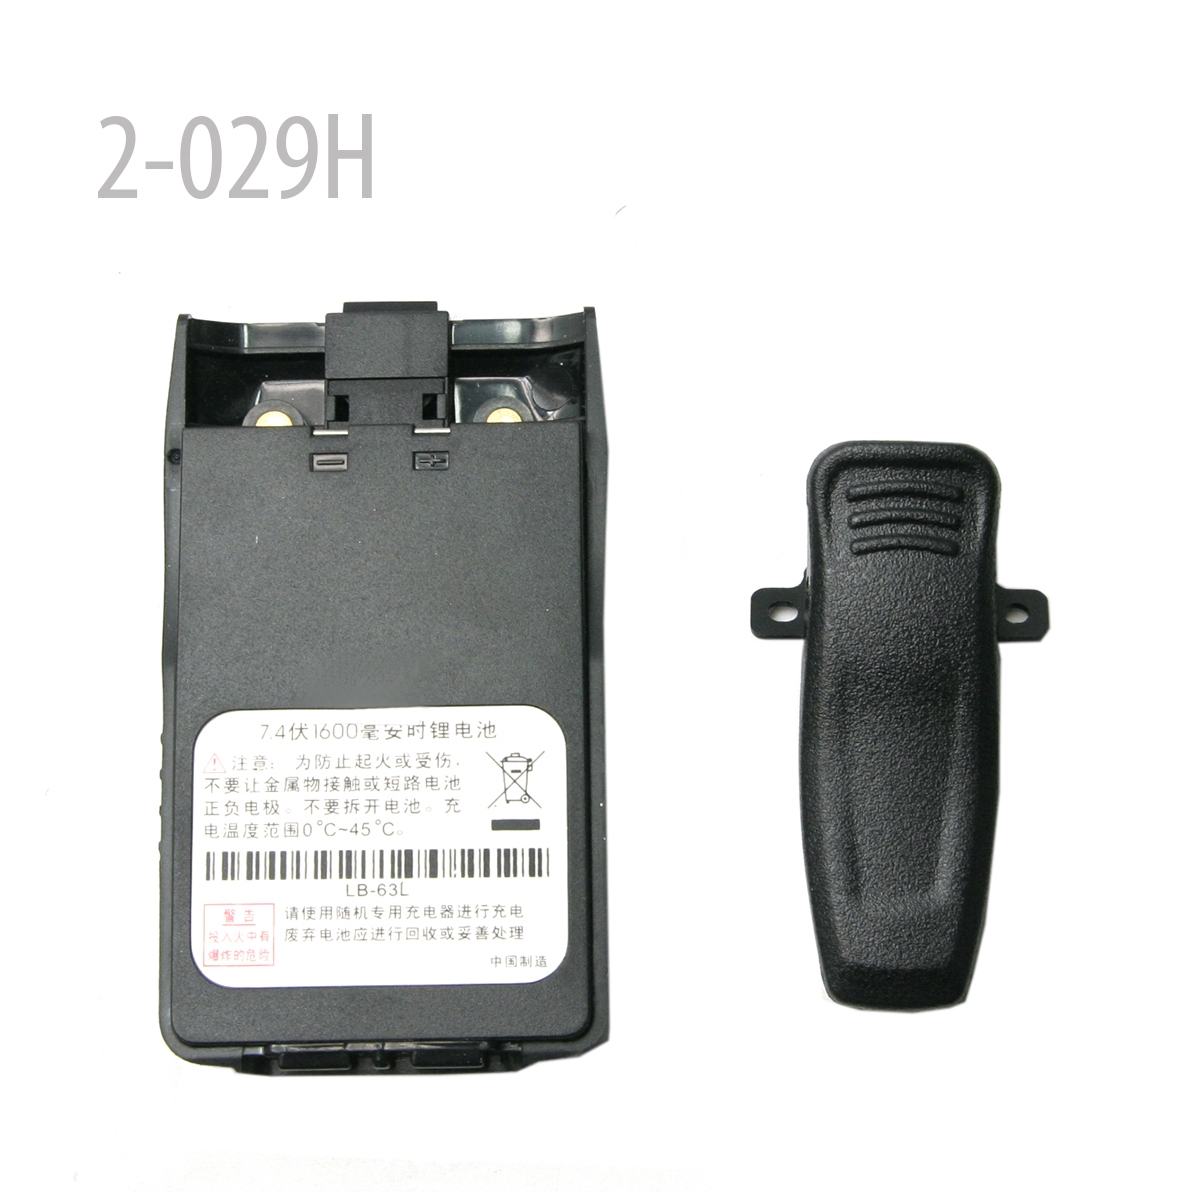 1600 mAh battery for LT-6100 Plus RT-6000 V8 x1pc